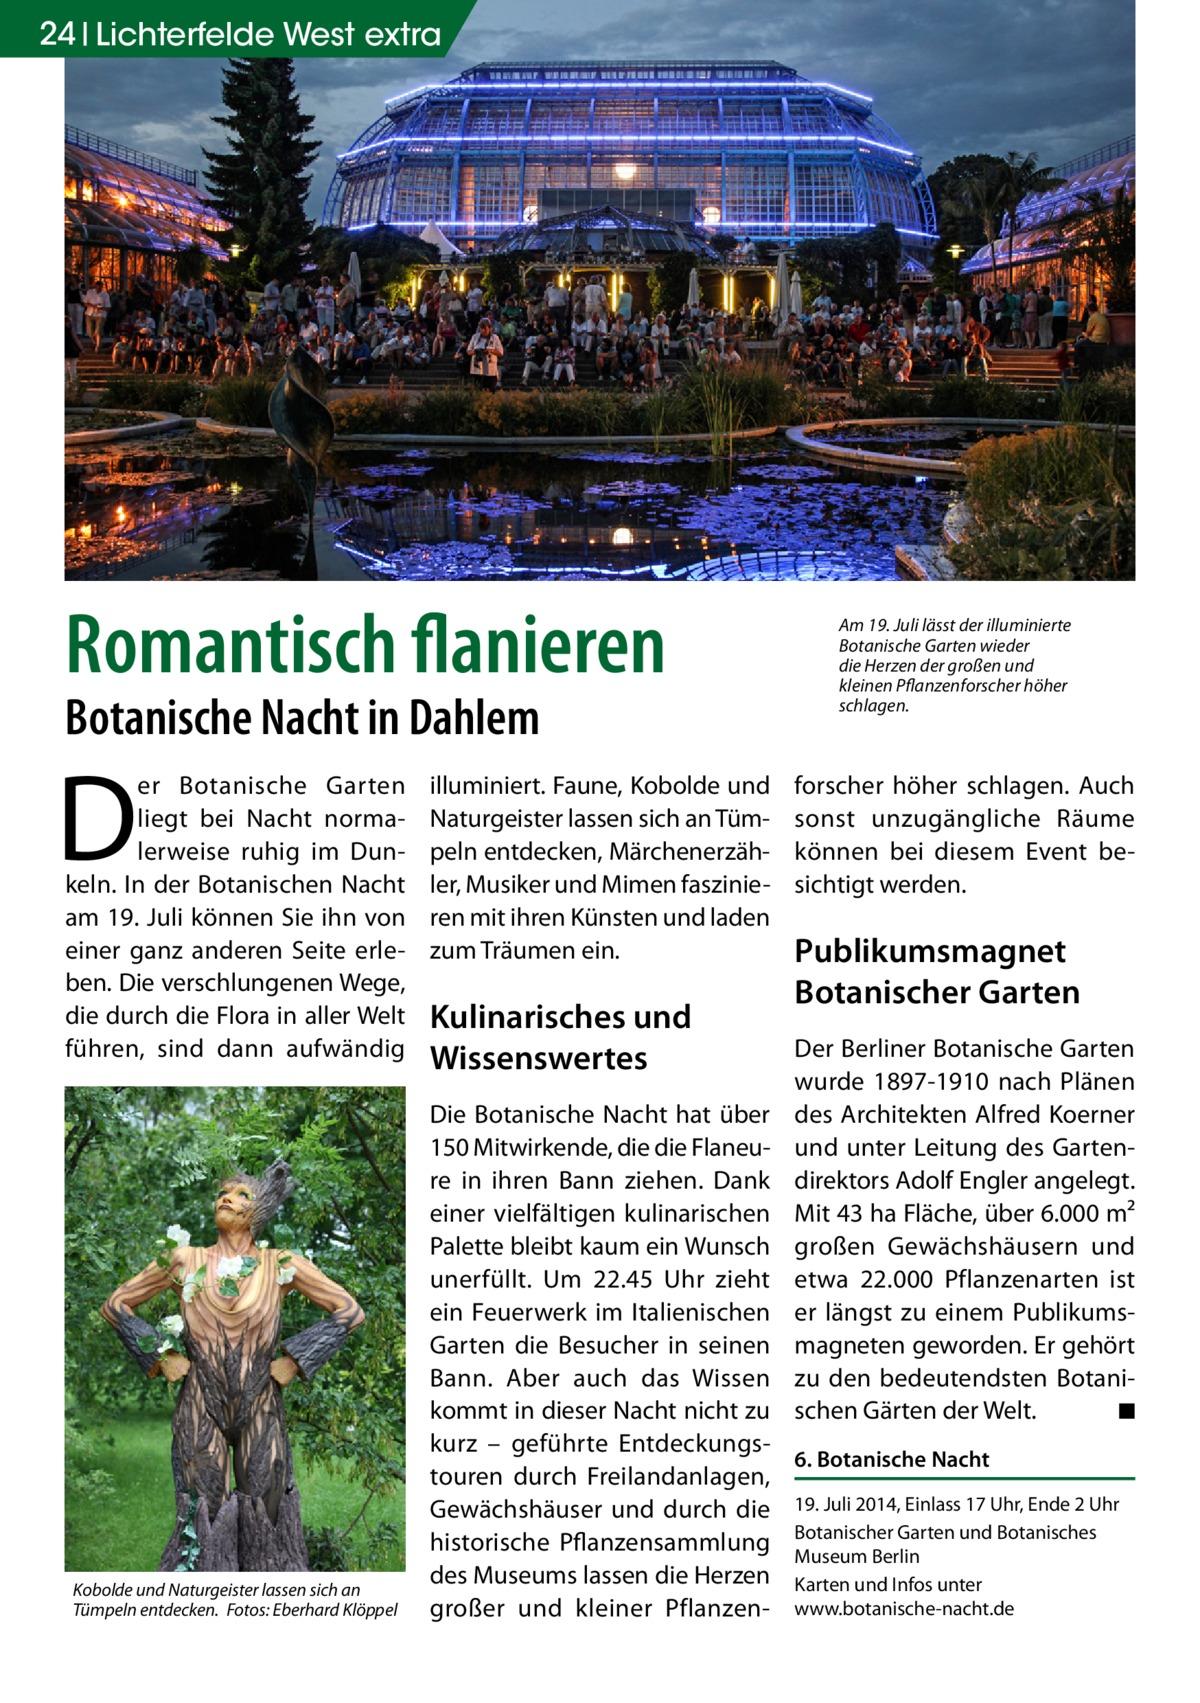 24 Lichterfelde West extra  Romantisch flanieren Botanische Nacht in Dahlem  D  er Botanische Garten liegt bei Nacht normalerweise ruhig im Dunkeln. In der Botanischen Nacht am 19. Juli können Sie ihn von einer ganz anderen Seite erleben. Die verschlungenen Wege, die durch die Flora in aller Welt führen, sind dann aufwändig  Kobolde und Naturgeister lassen sich an Tümpeln entdecken.� Fotos: Eberhard Klöppel  illuminiert. Faune, Kobolde und Naturgeister lassen sich an Tümpeln entdecken, Märchenerzähler, Musiker und Mimen faszinieren mit ihren Künsten und laden zum Träumen ein.  Kulinarisches und Wissenswertes  Am 19. Juli lässt der illuminierte Botanische Garten wieder die Herzen der großen und kleinen Pflanzenforscher höher schlagen.  forscher höher schlagen. Auch sonst unzugängliche Räume können bei diesem Event besichtigt werden.  Publikumsmagnet Botanischer Garten Der Berliner Botanische Garten wurde 1897-1910 nach Plänen des Architekten Alfred Koerner und unter Leitung des Gartendirektors Adolf Engler angelegt. Mit 43 ha Fläche, über 6.000 m² großen Gewächshäusern und etwa 22.000 Pflanzenarten ist er längst zu einem Publikumsmagneten geworden. Er gehört zu den bedeutendsten Botanischen Gärten der Welt. � ◾  Die Botanische Nacht hat über 150 Mitwirkende, die die Flaneure in ihren Bann ziehen. Dank einer vielfältigen kulinarischen Palette bleibt kaum ein Wunsch unerfüllt. Um 22.45 Uhr zieht ein Feuerwerk im Italienischen Garten die Besucher in seinen Bann. Aber auch das Wissen kommt in dieser Nacht nicht zu kurz – geführte Entdeckungs6. Botanische Nacht touren durch Freilandanlagen, Gewächshäuser und durch die 19. Juli 2014, Einlass 17 Uhr, Ende 2 Uhr Garten und Botanisches historische Pflanzensammlung Botanischer Museum Berlin des Museums lassen die Herzen Karten und Infos unter großer und kleiner Pflanzen- www.botanische-nacht.de